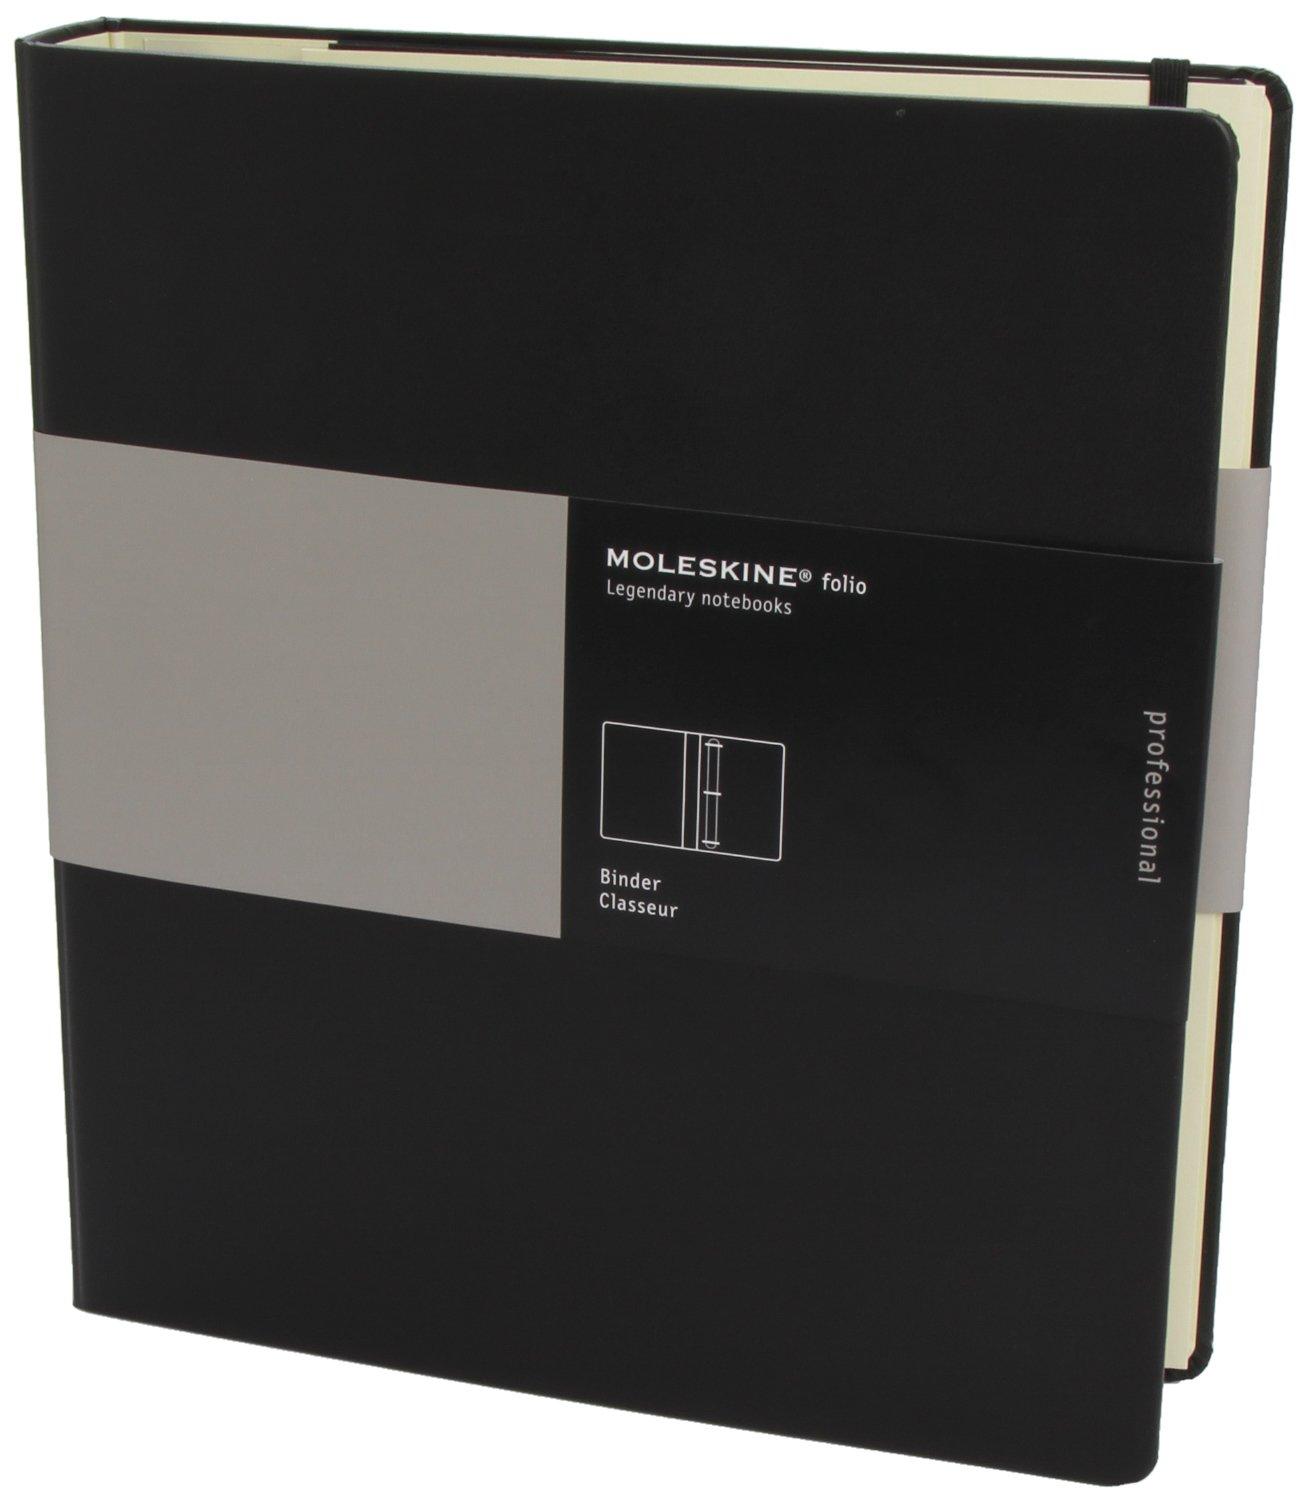 amazoncom moleskine folio professional 3 ring binder black 105 x 1175 professional folio series 9788862934954 moleskine books